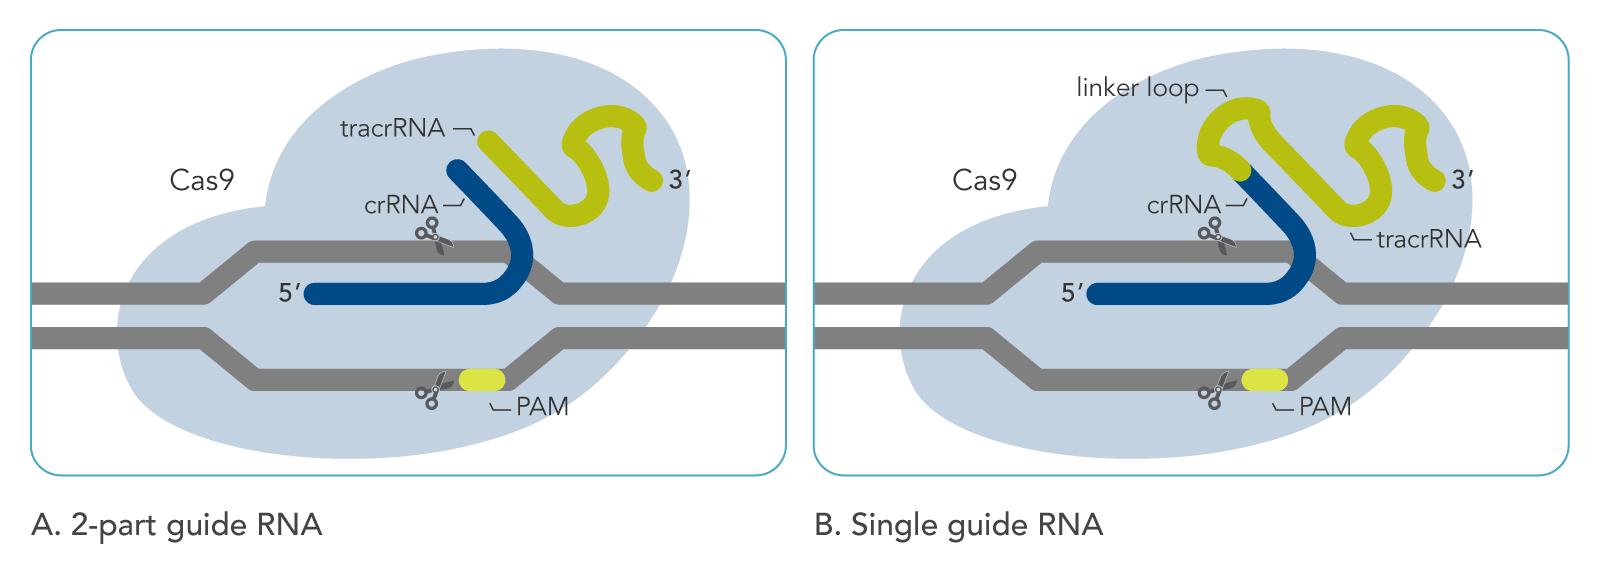 Cas9 art A. 2-part guide RNA  B. Single guide RNA